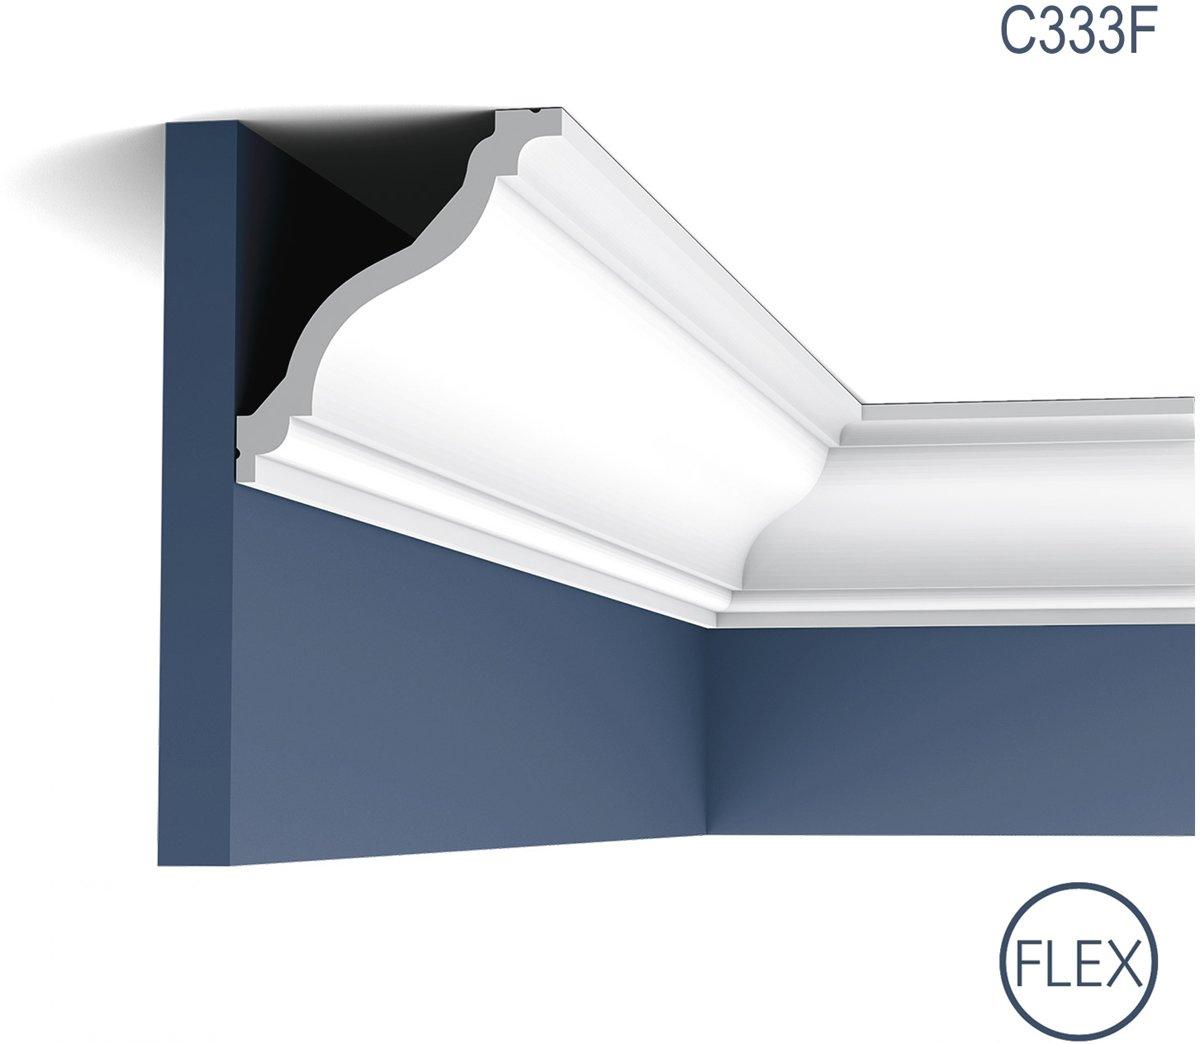 Kroonlijst flexibel Origineel Orac Decor C333F LUXXUS Plafondlijst Sierlijst flexibel 2 m kopen